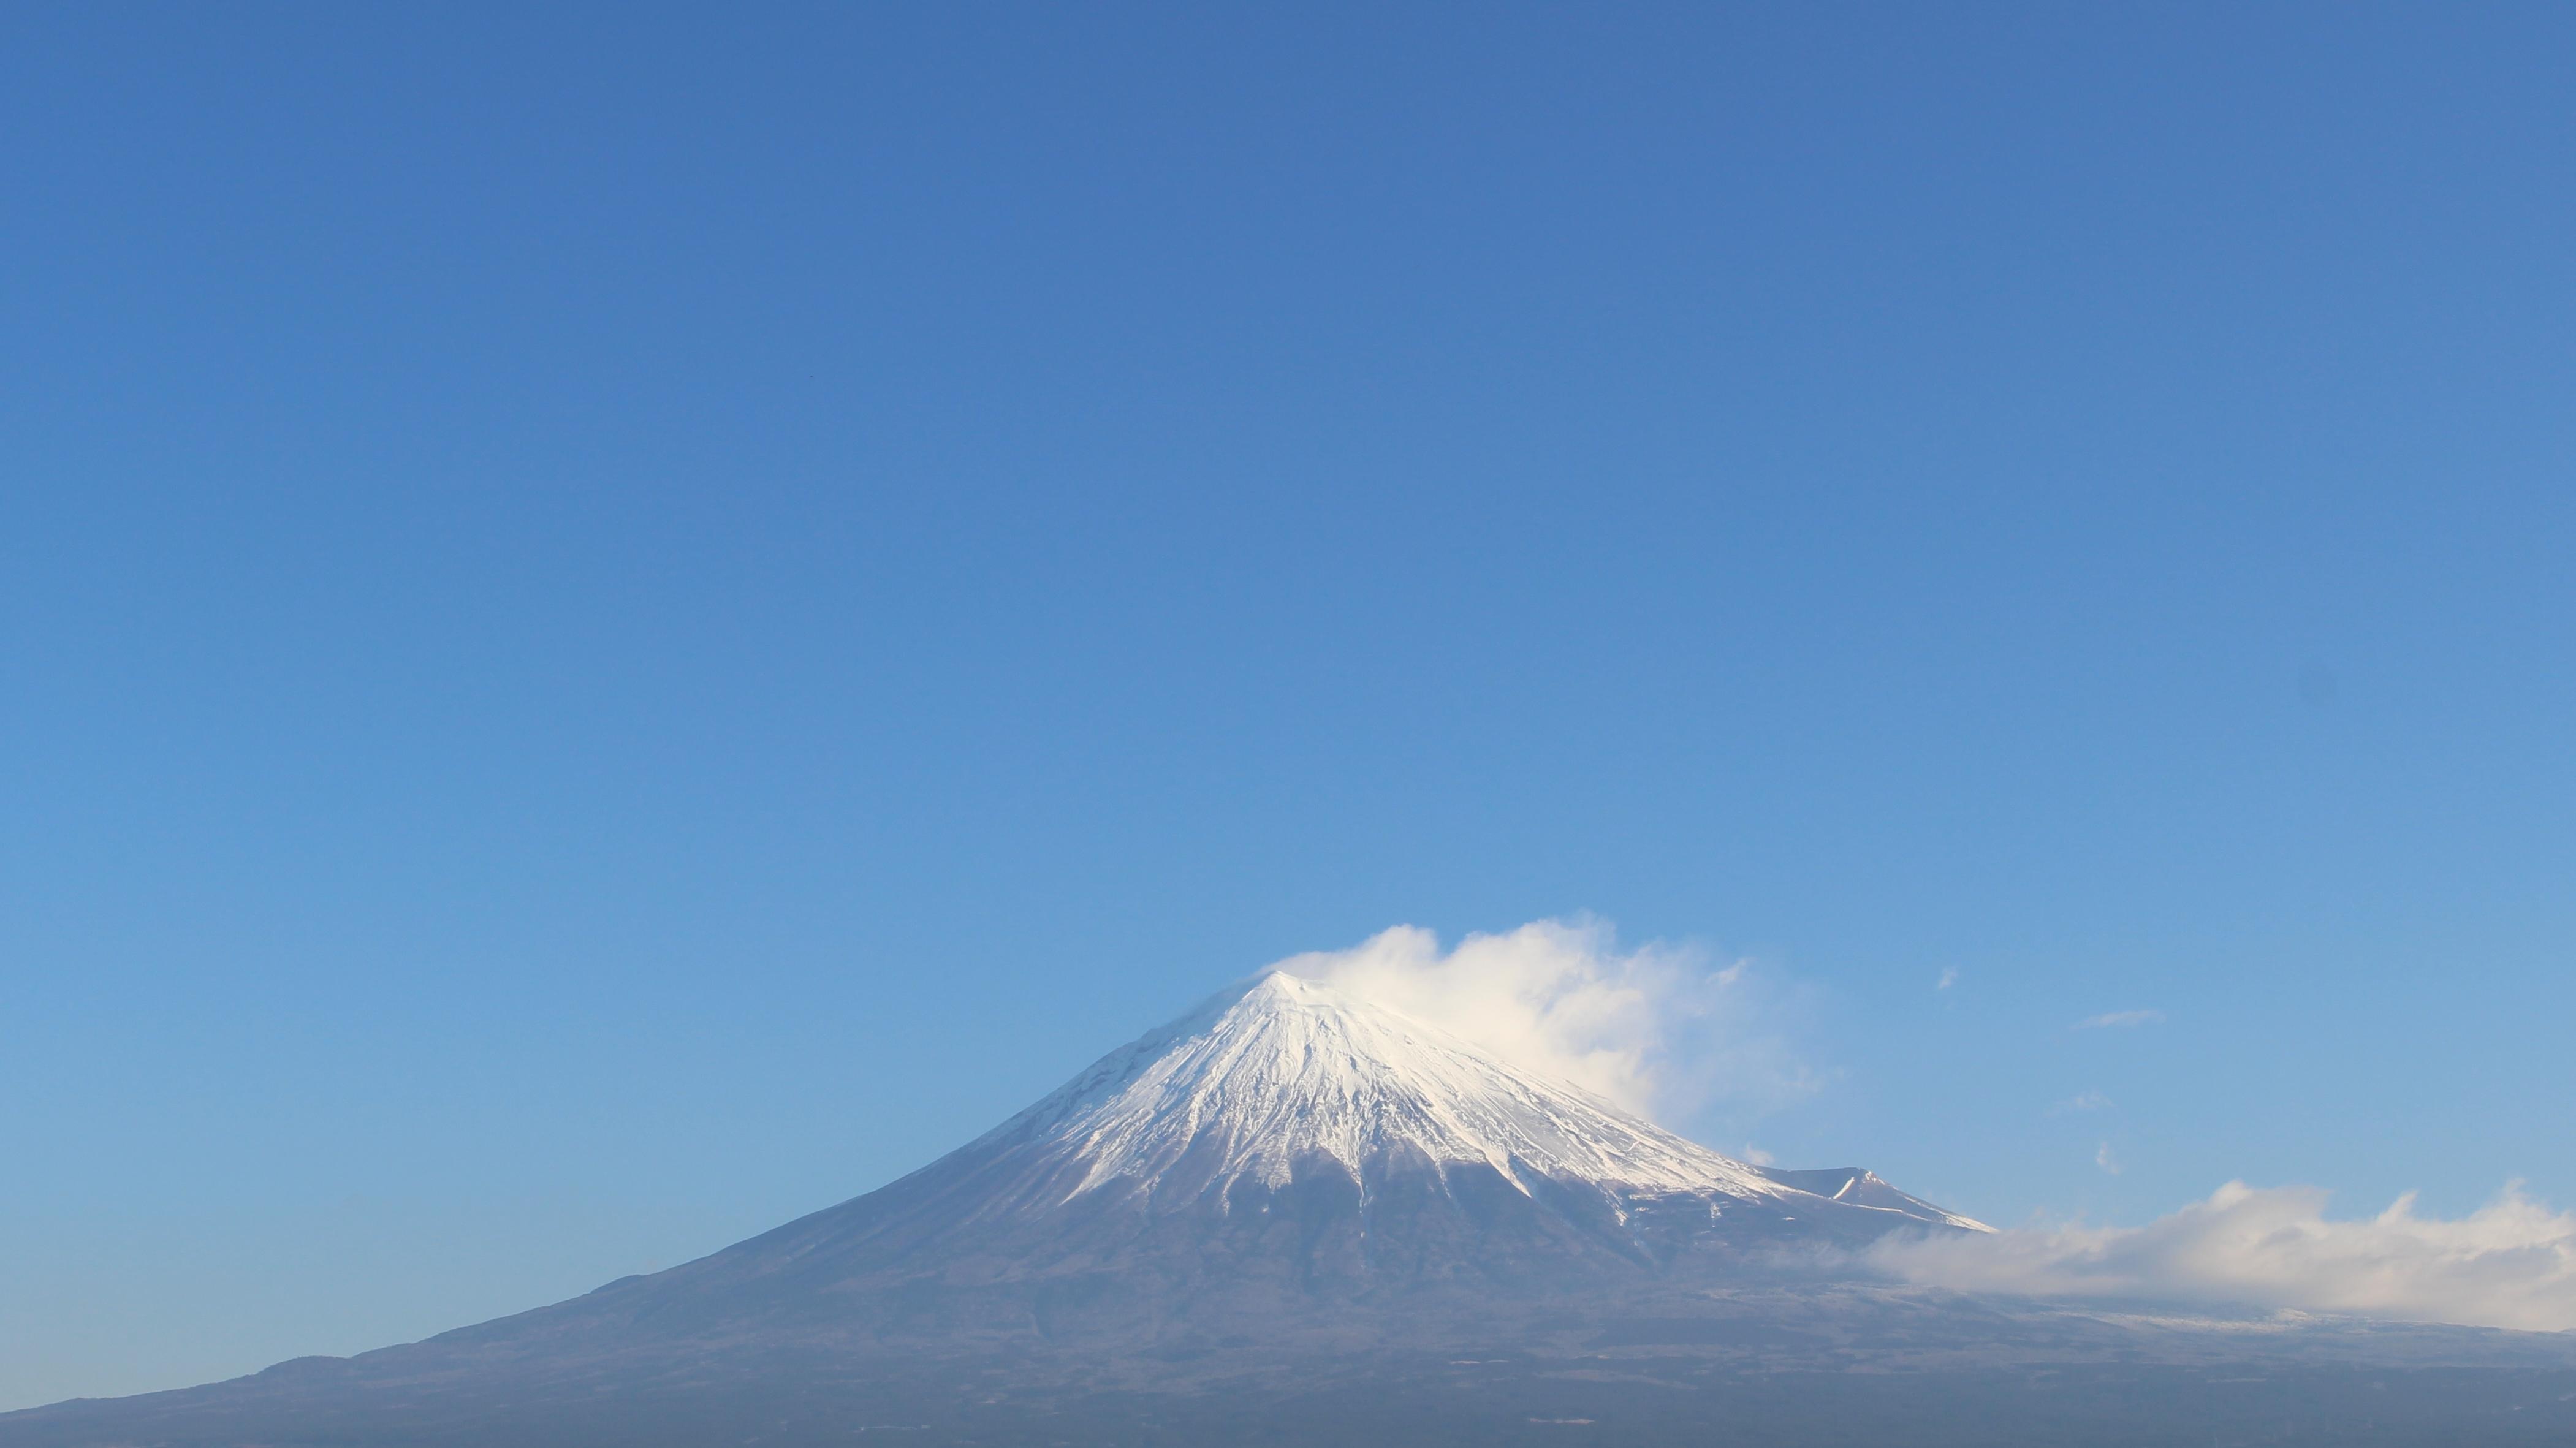 2017年1月13日の富士山の写真